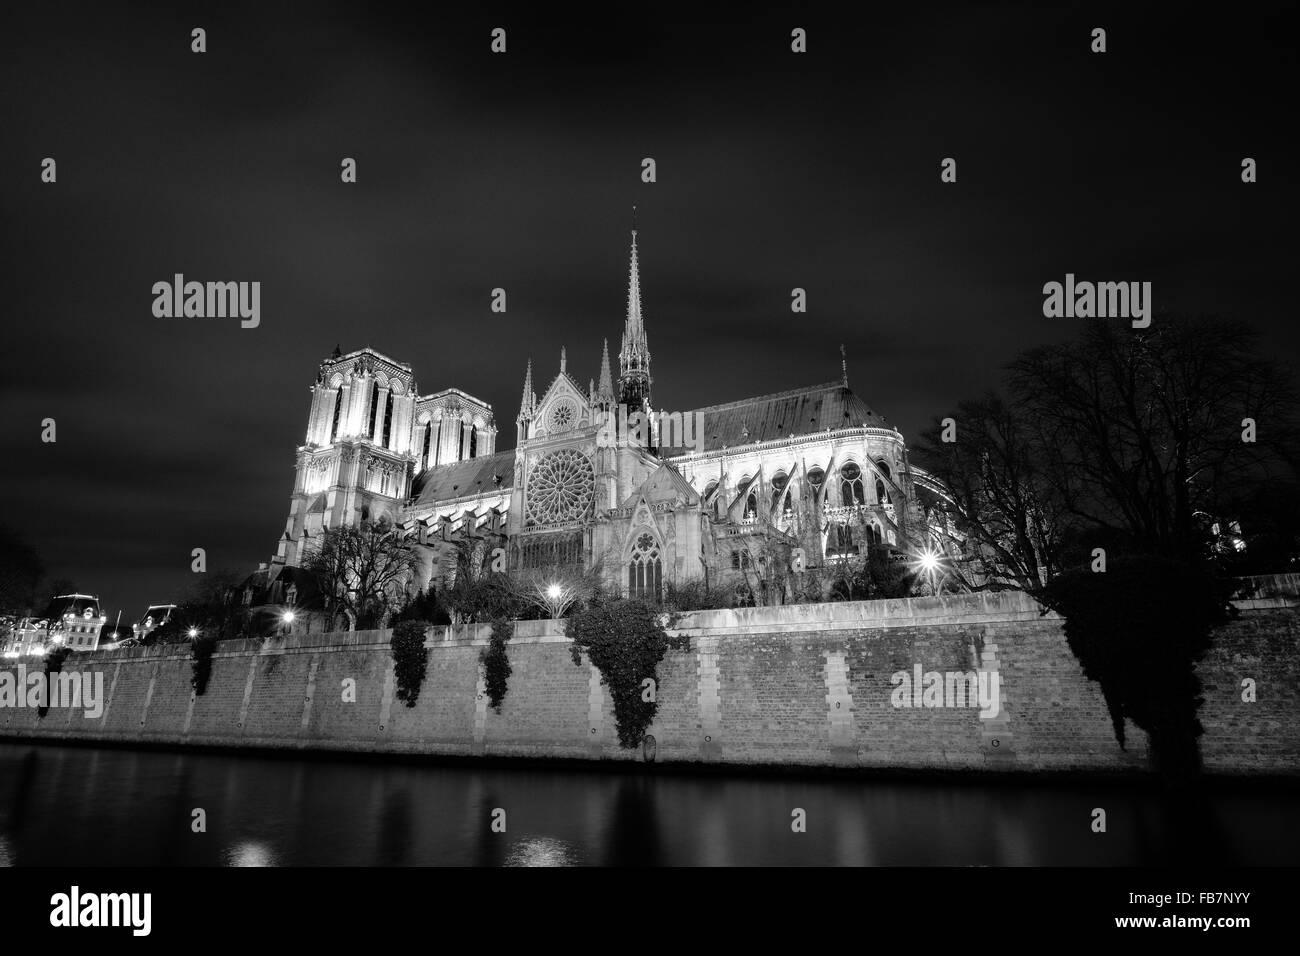 Eine schöne Nachtaufnahme der Kathedrale Notre Dame entlang der Seine in Paris Frankreich. Stockbild